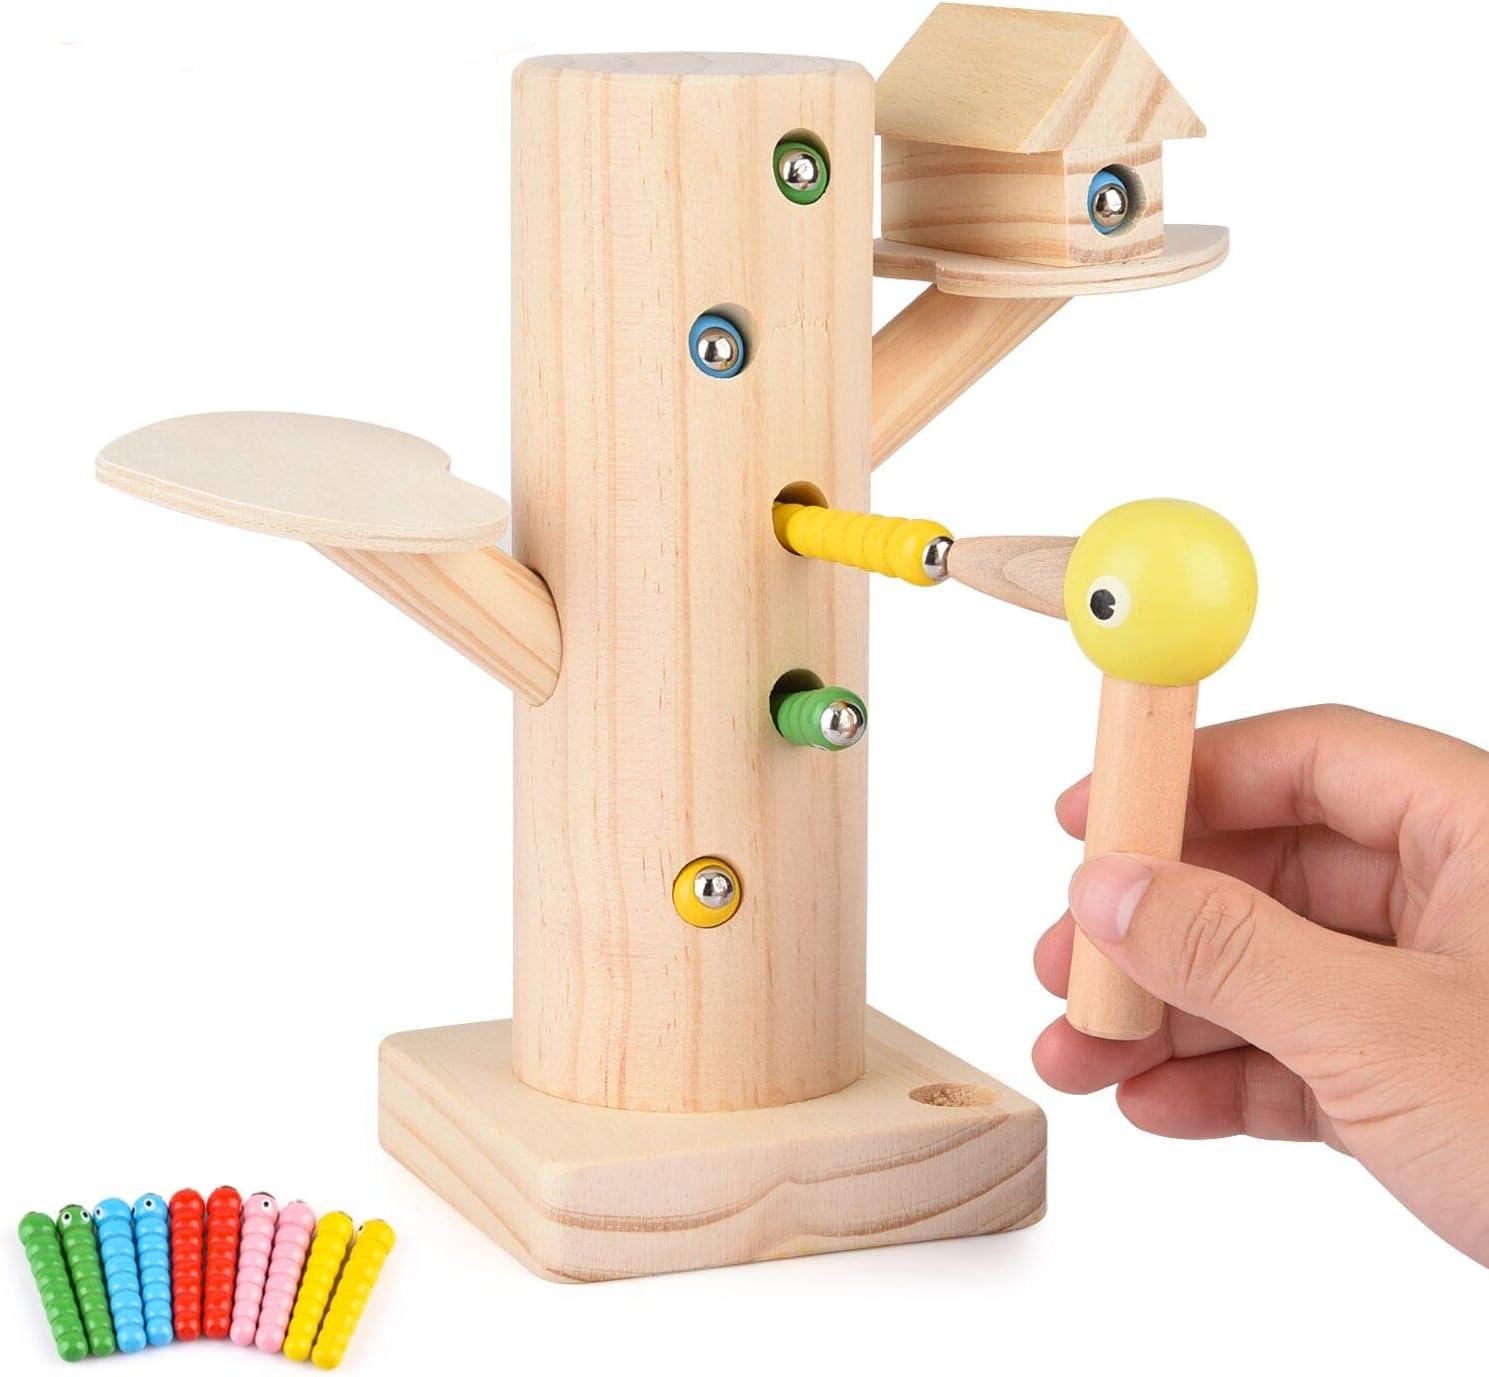 FORMIZON Juego Infantil Magnetico, Juguete de Madera para Niños Magnético Juego, Juego de Atrapar y Alimentar Físicas y Emocionales en Bebes y Niños de Edad Preescolar (A)